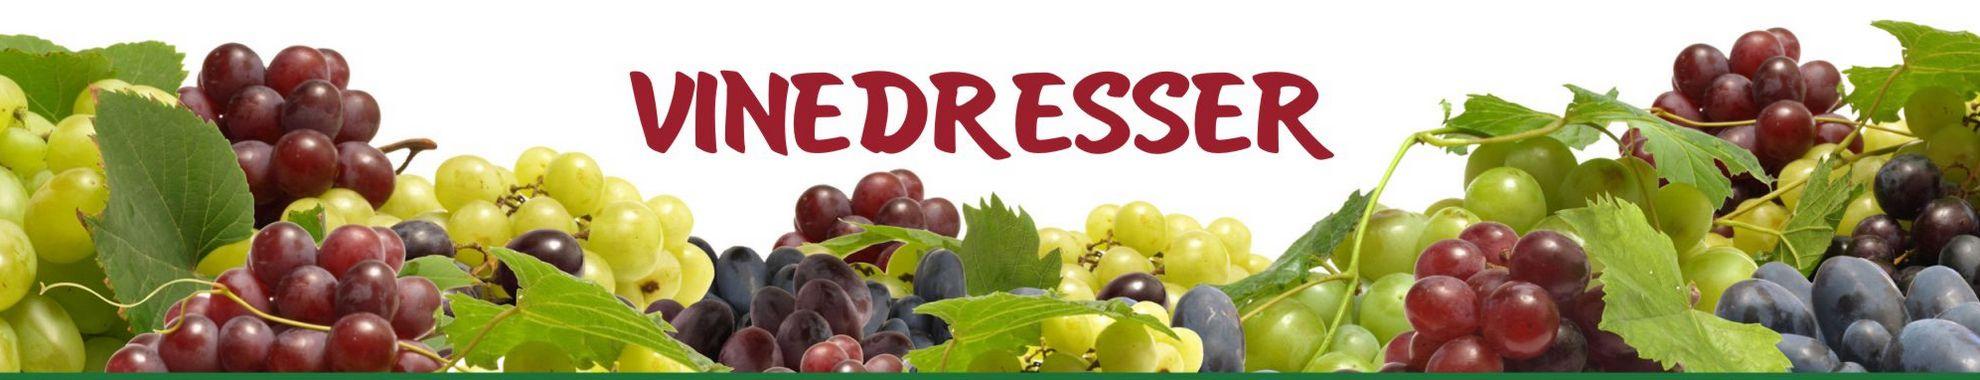 Vinedresser - о винограде и виноградарстве для начинающих